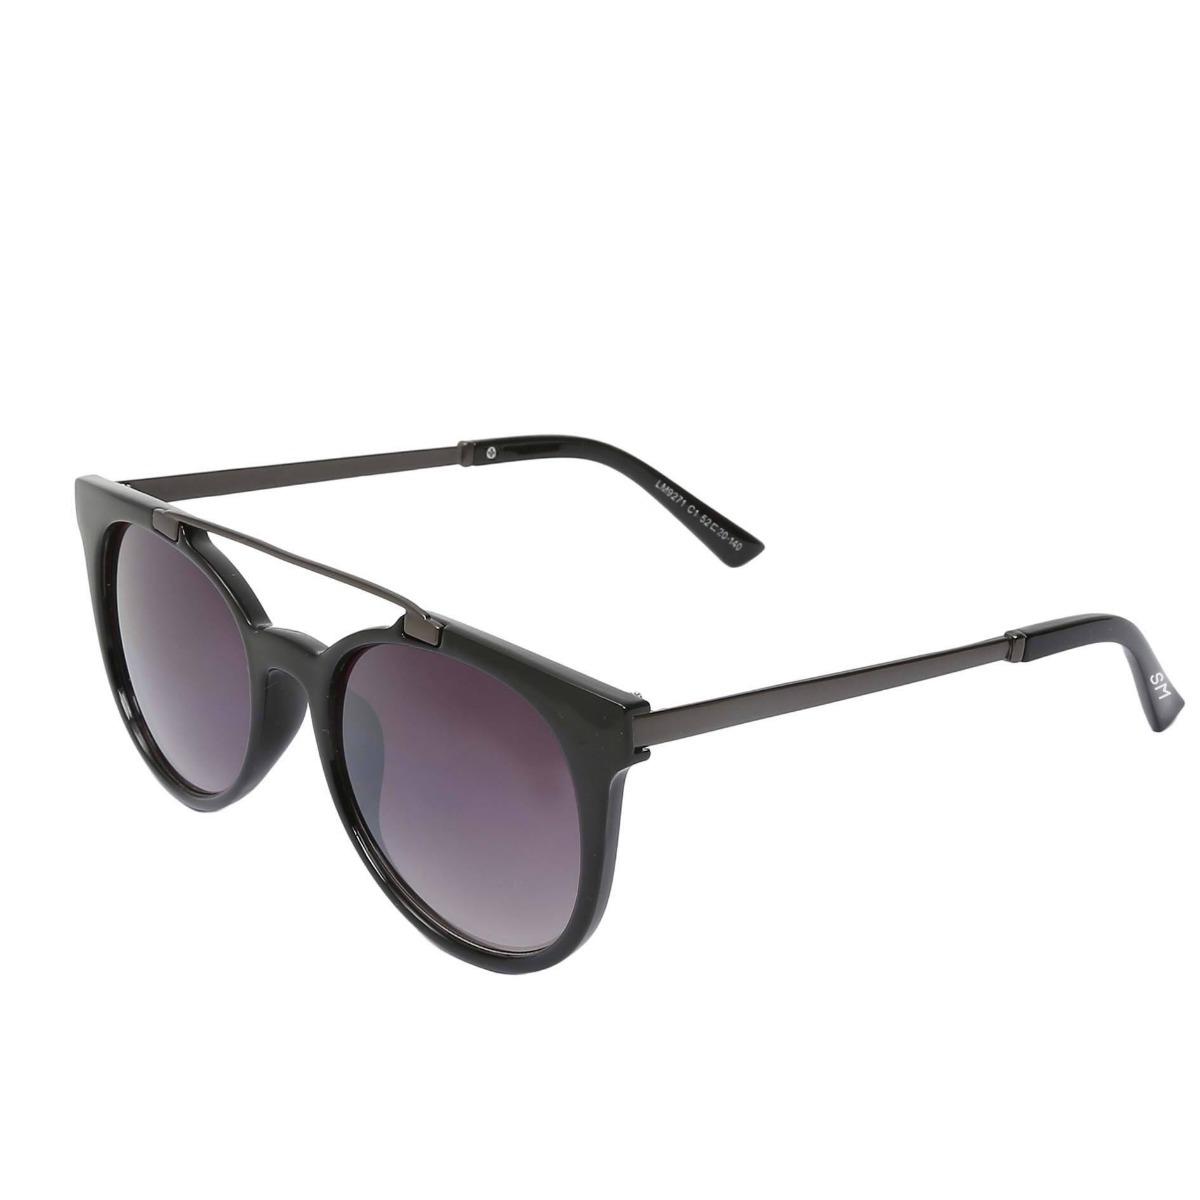 Óculos De Sol Masculino Sandro Moscoloni Roy Preto - R  139,90 em ... 83bc540fb3